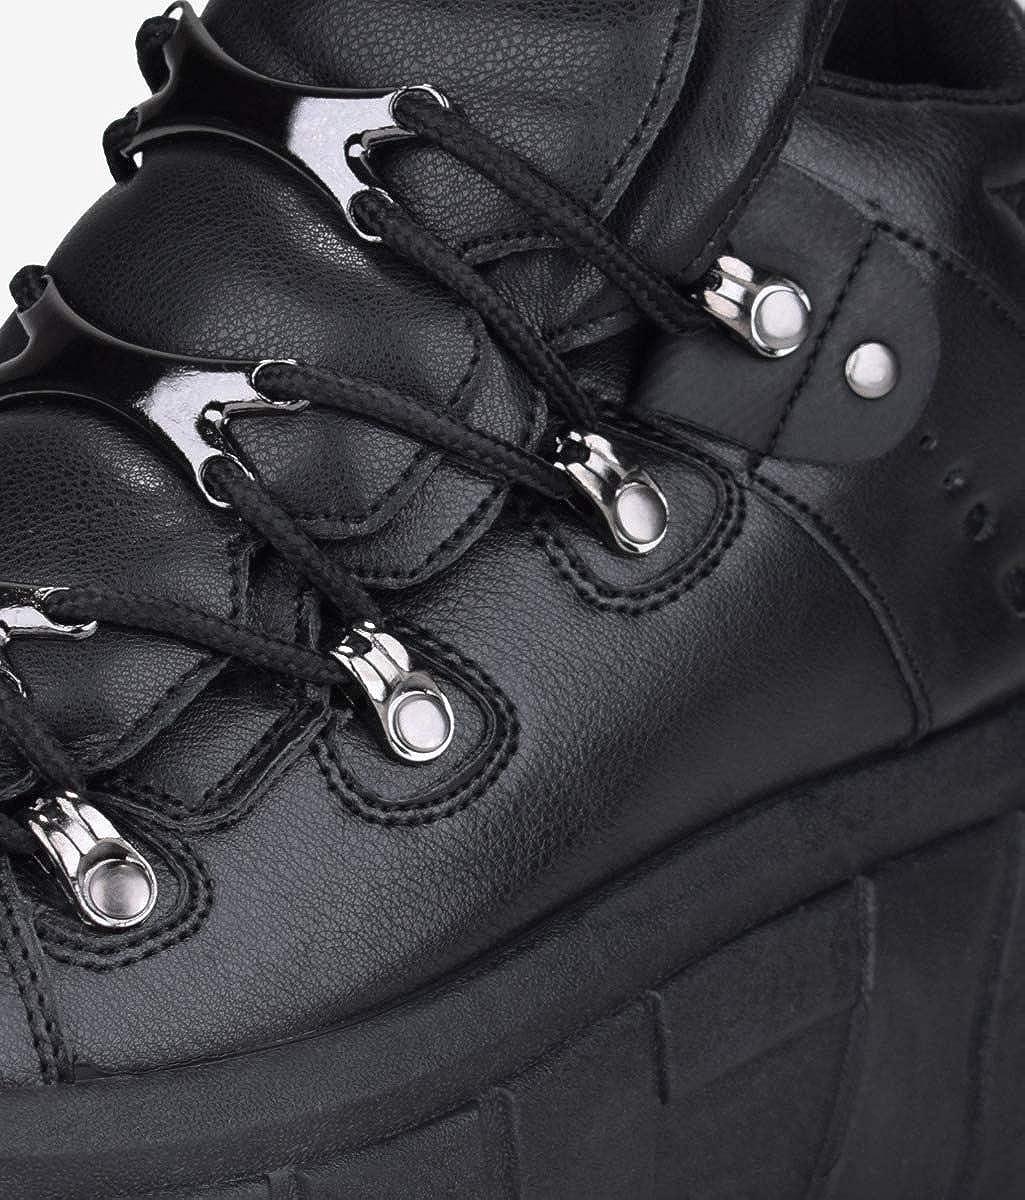 Bosanova Chaussures Plates Dentées Avec Détails De Trekking Sur Les Lacets Et Double Languette Pièces Métalliques Fermeture Pour Femme. Noir